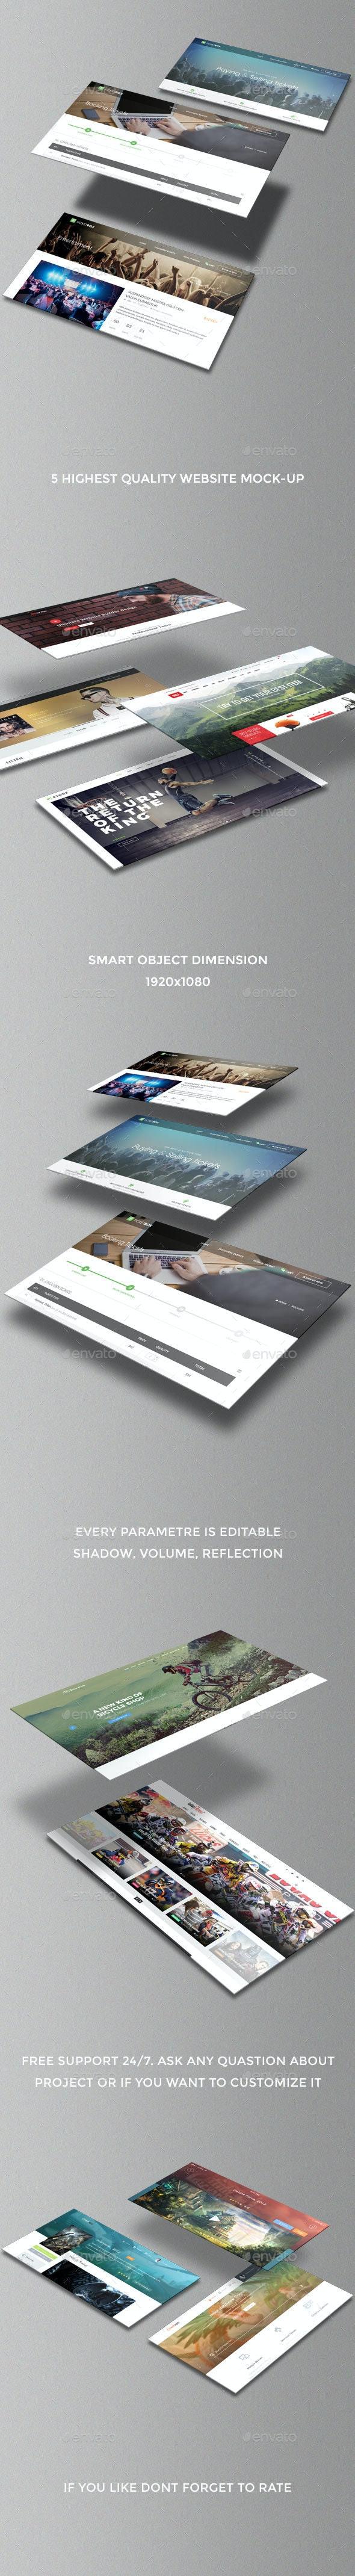 Isometric Website Mock-Ups - Website Displays